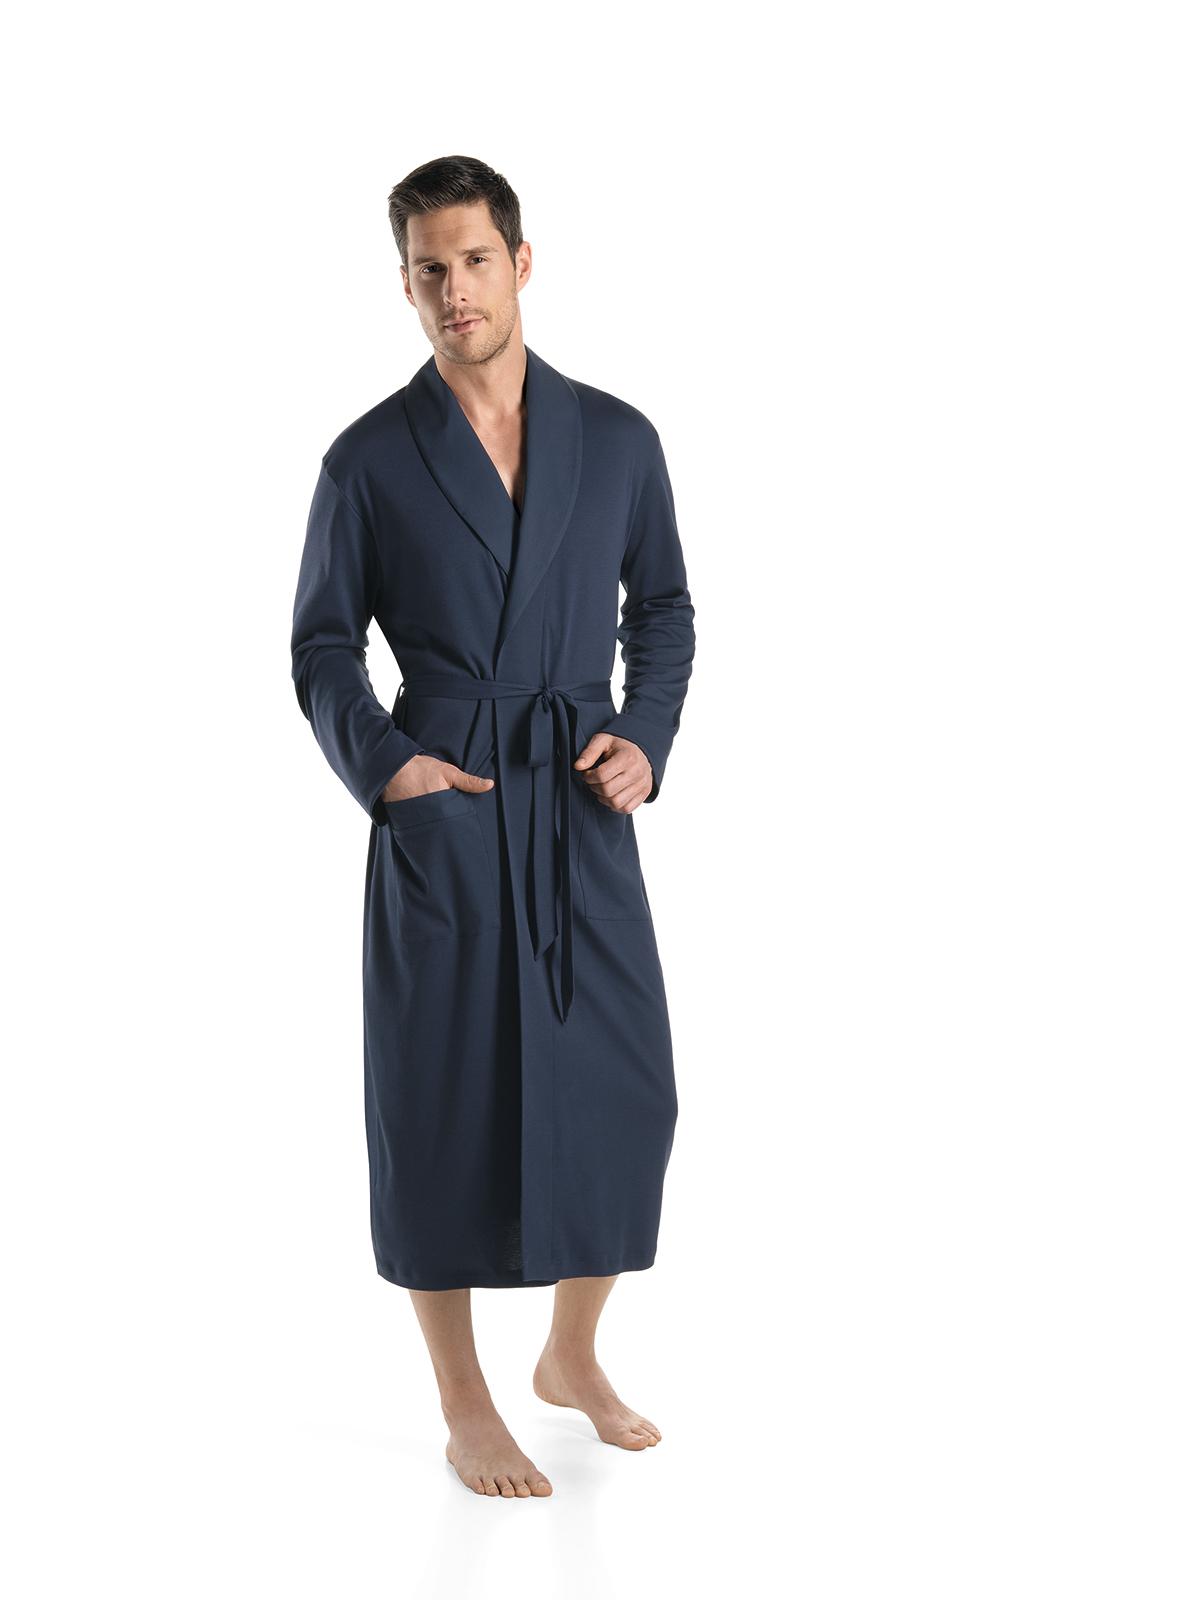 371cb726c4 Night   Day Robe. £104.17 £72.92. The Hanro Black Iris ...